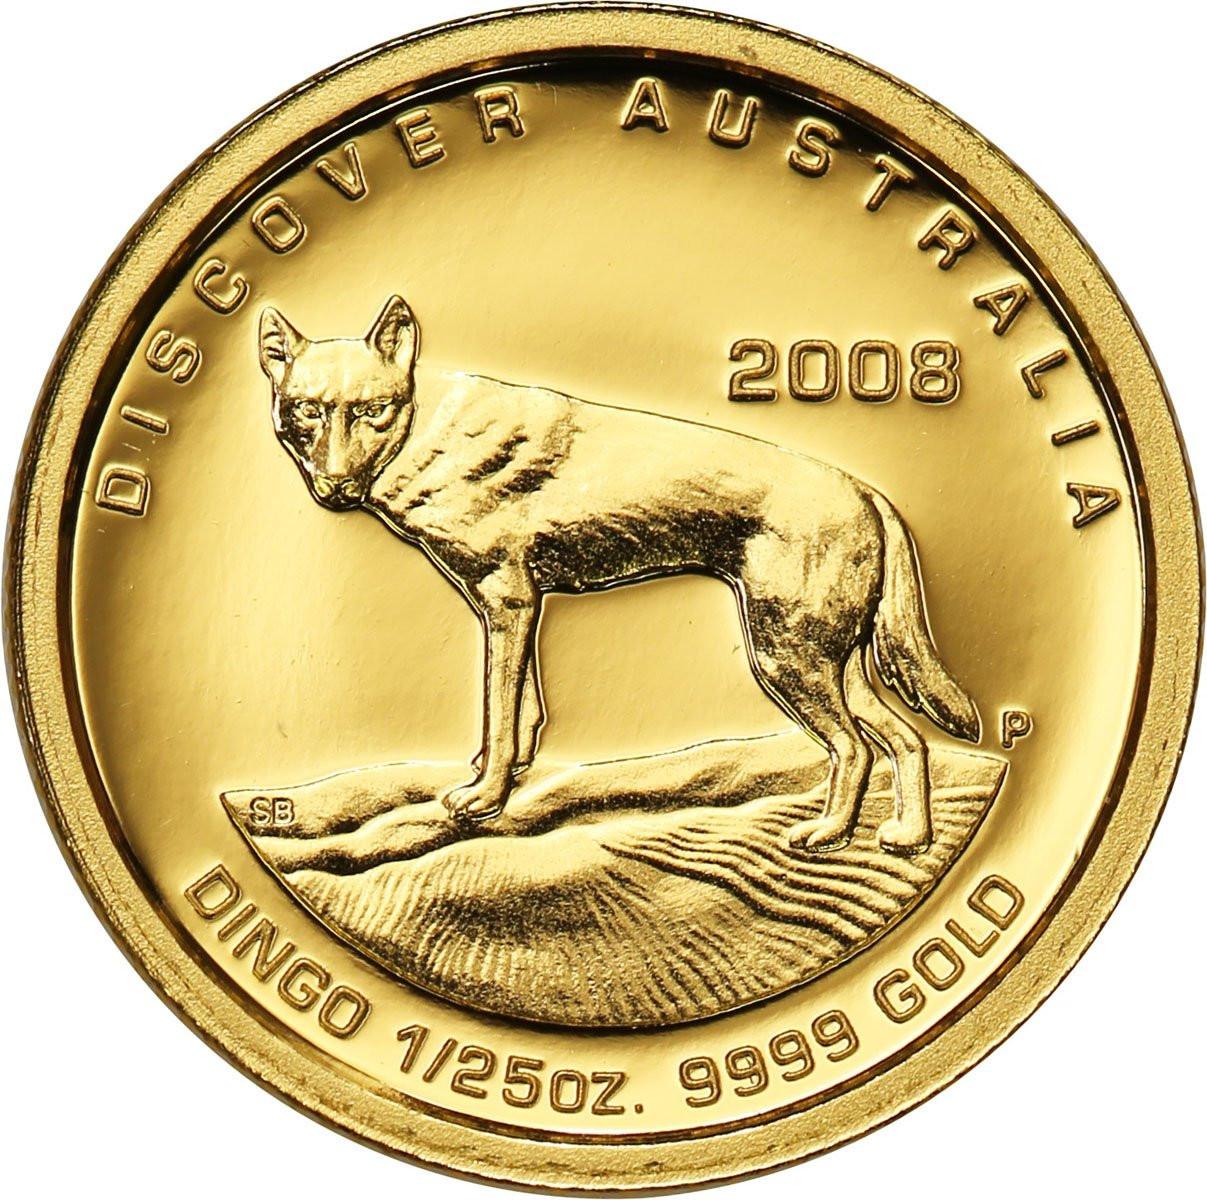 Australia 5 dolarów 2008 Pies DINGO - 1/25 uncji złota - st.L